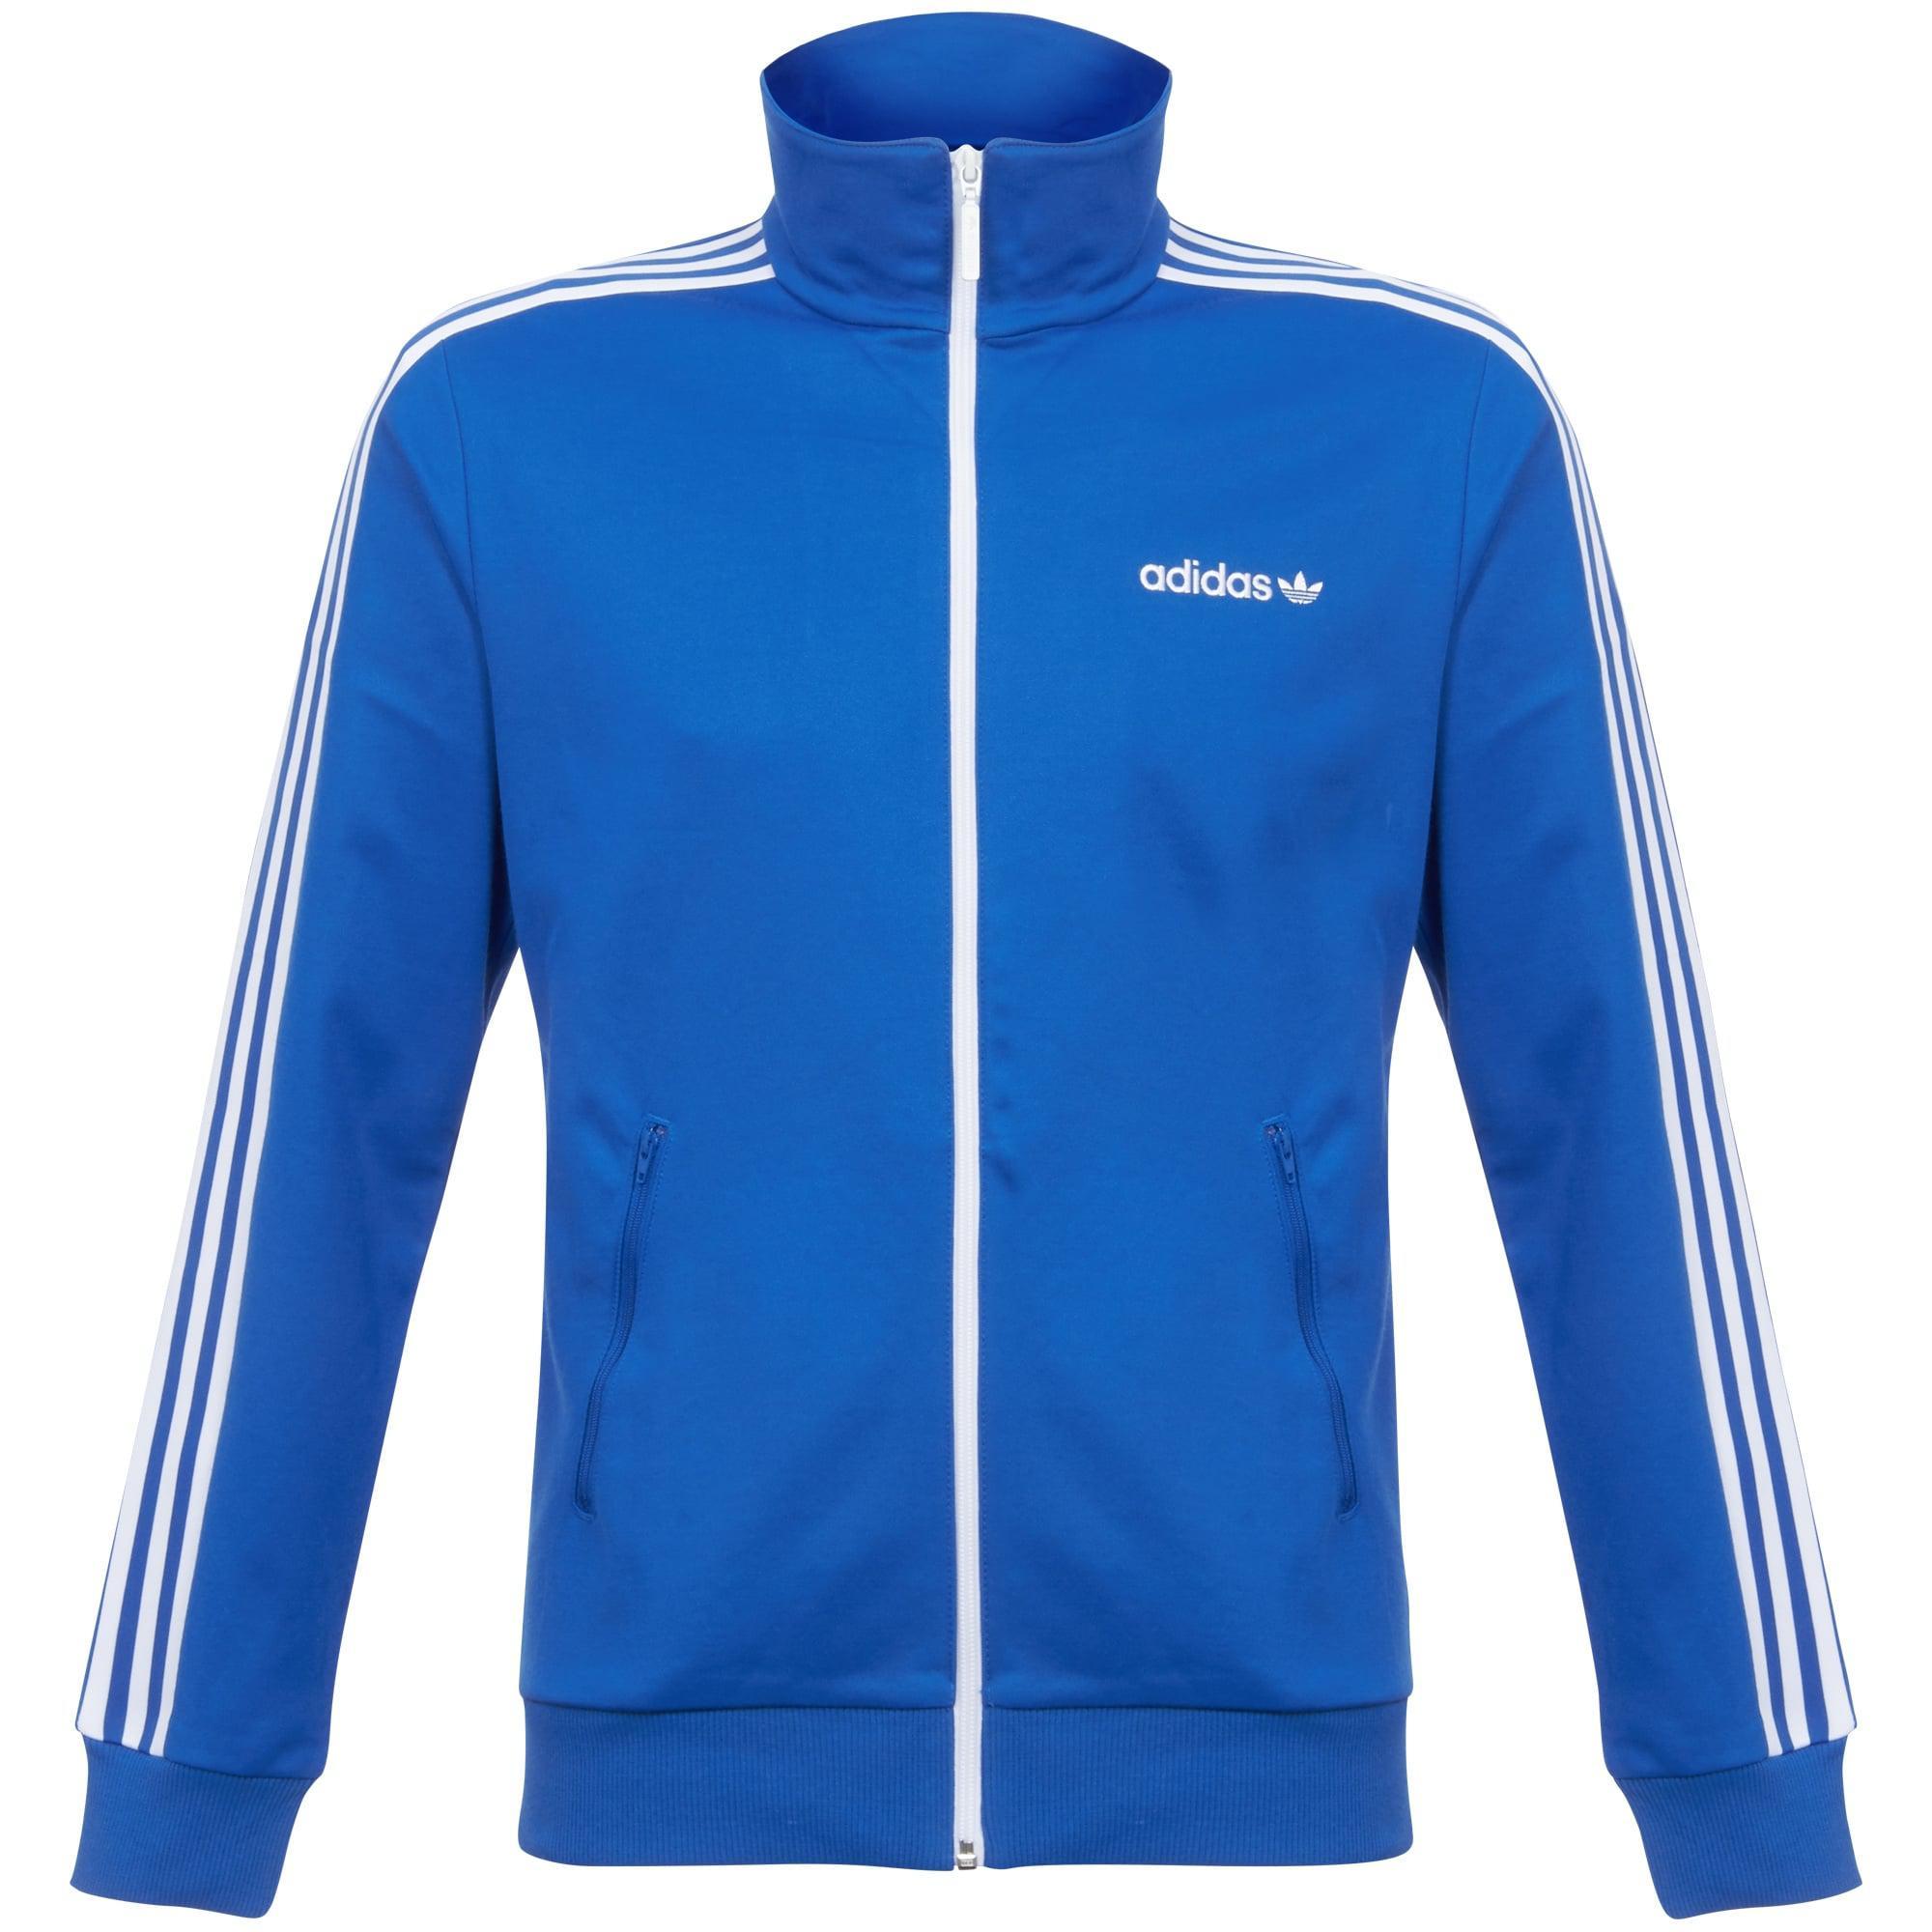 lyst adidas originals beckenbauer track jacket in blue for men. Black Bedroom Furniture Sets. Home Design Ideas